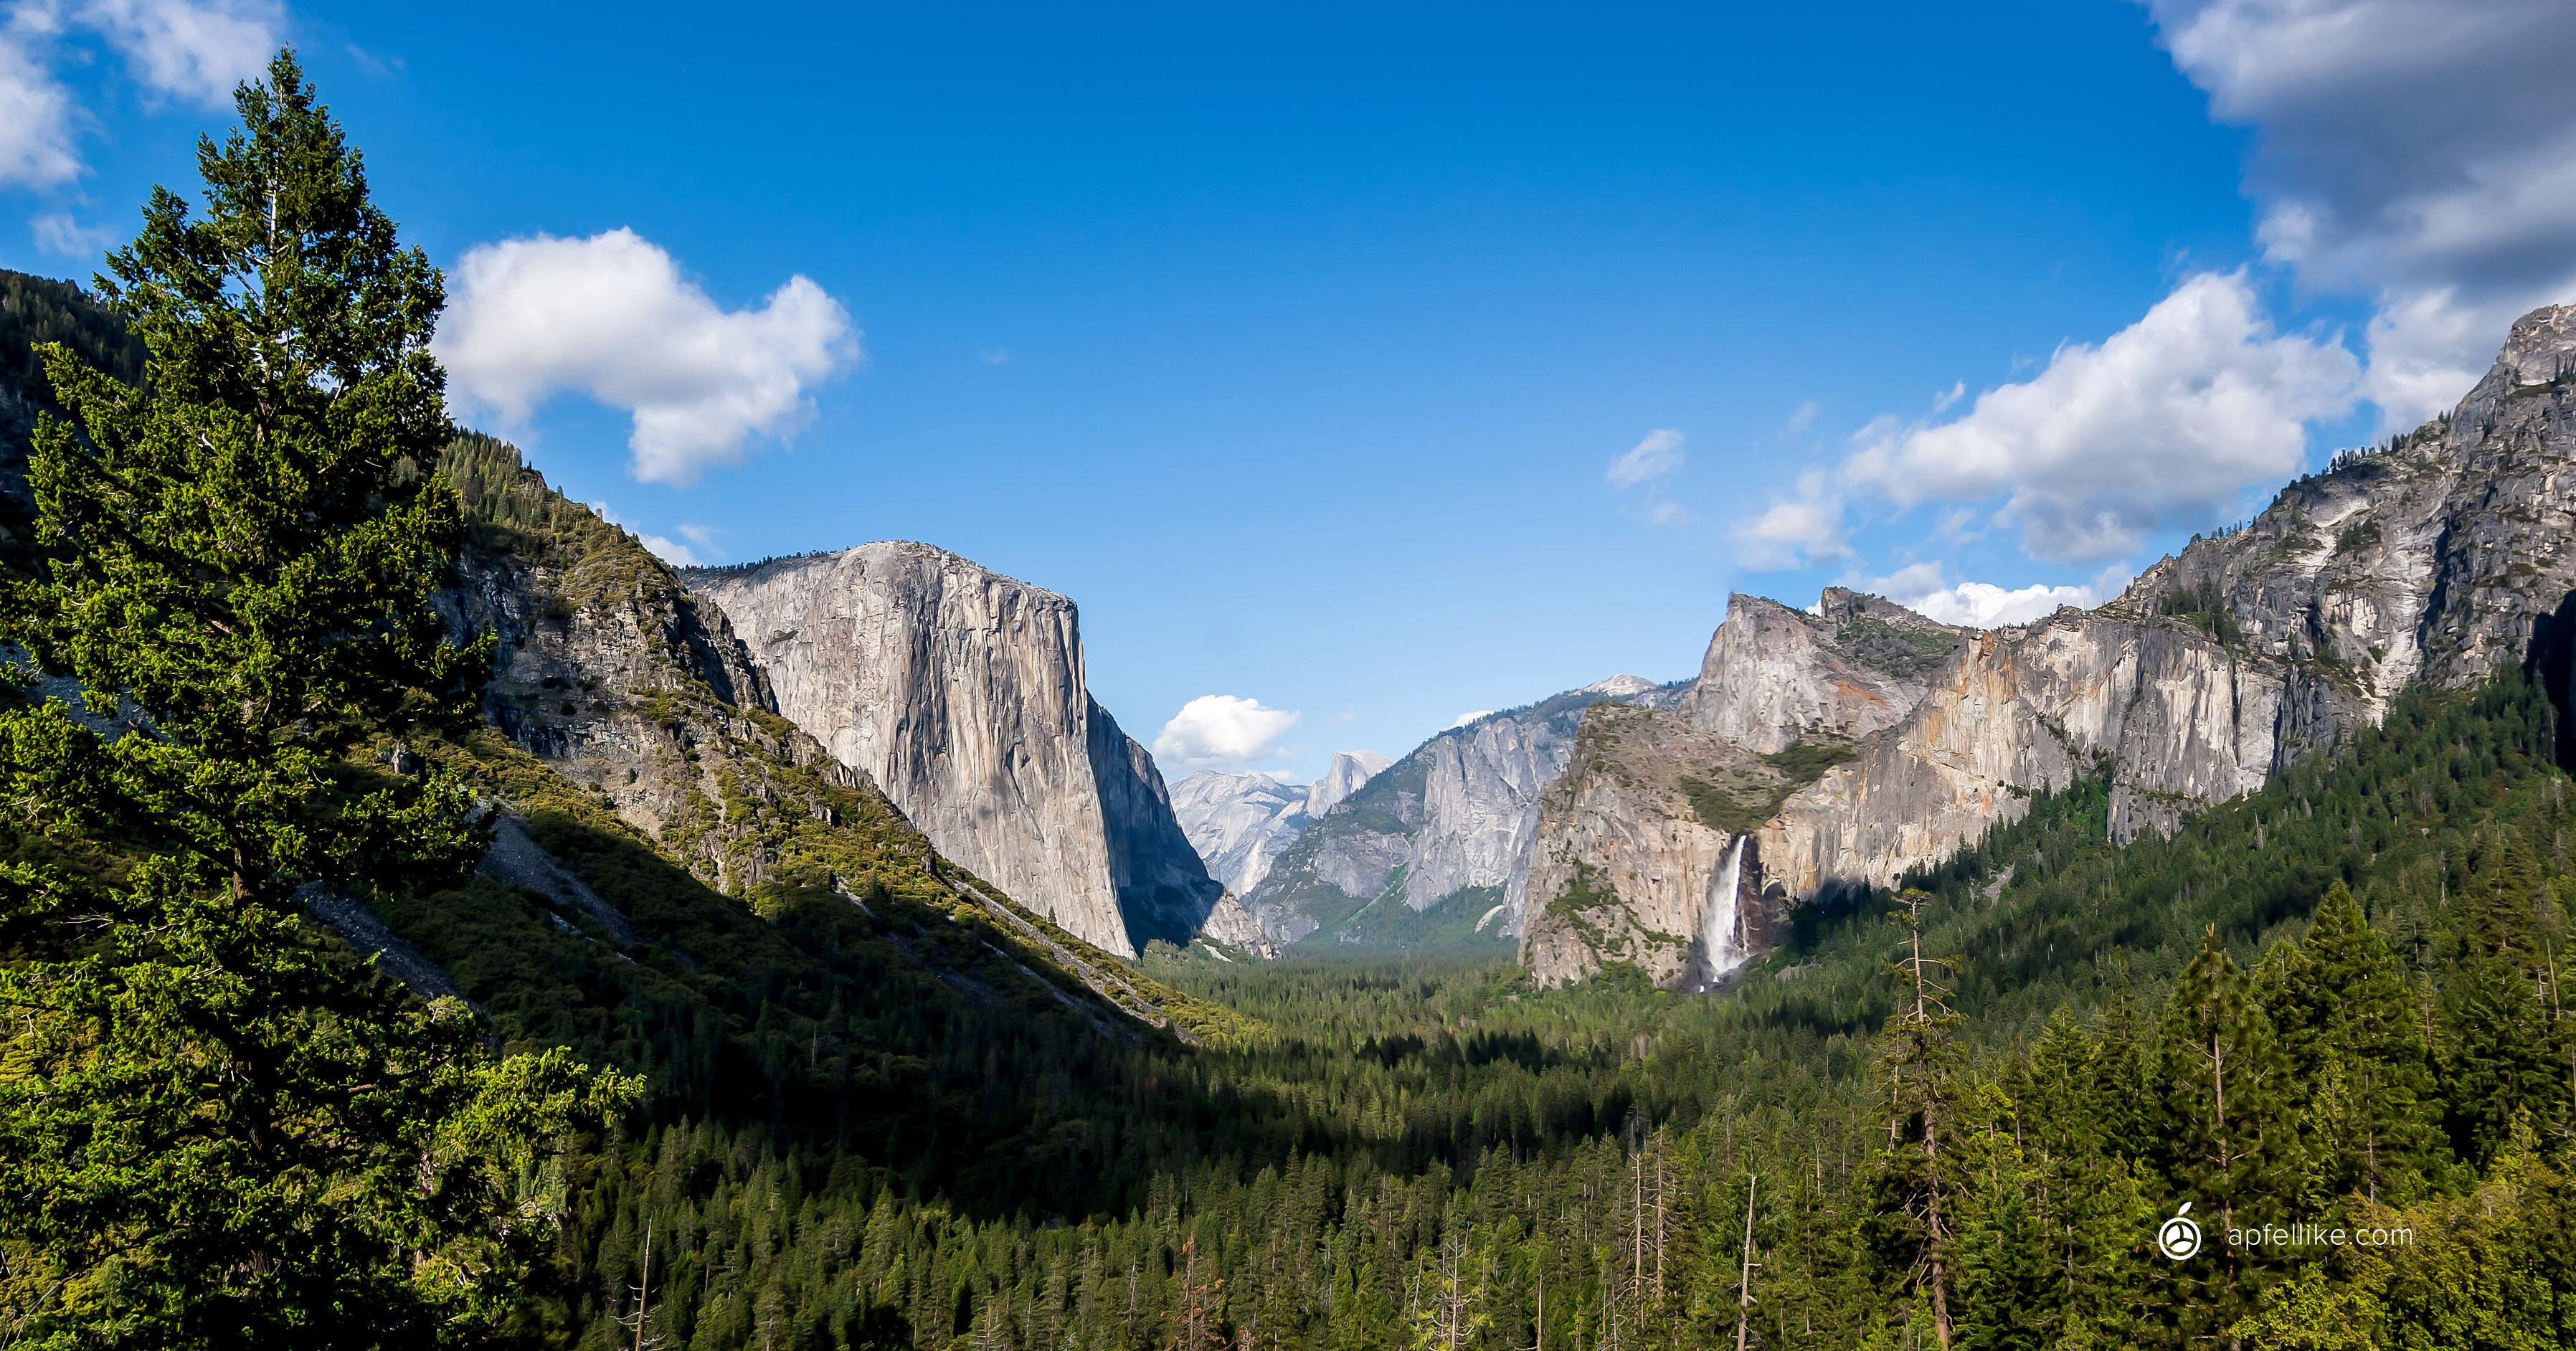 Apfellike Mac OS X Yosemite Wallpaper Schreibtisch 3592x1884